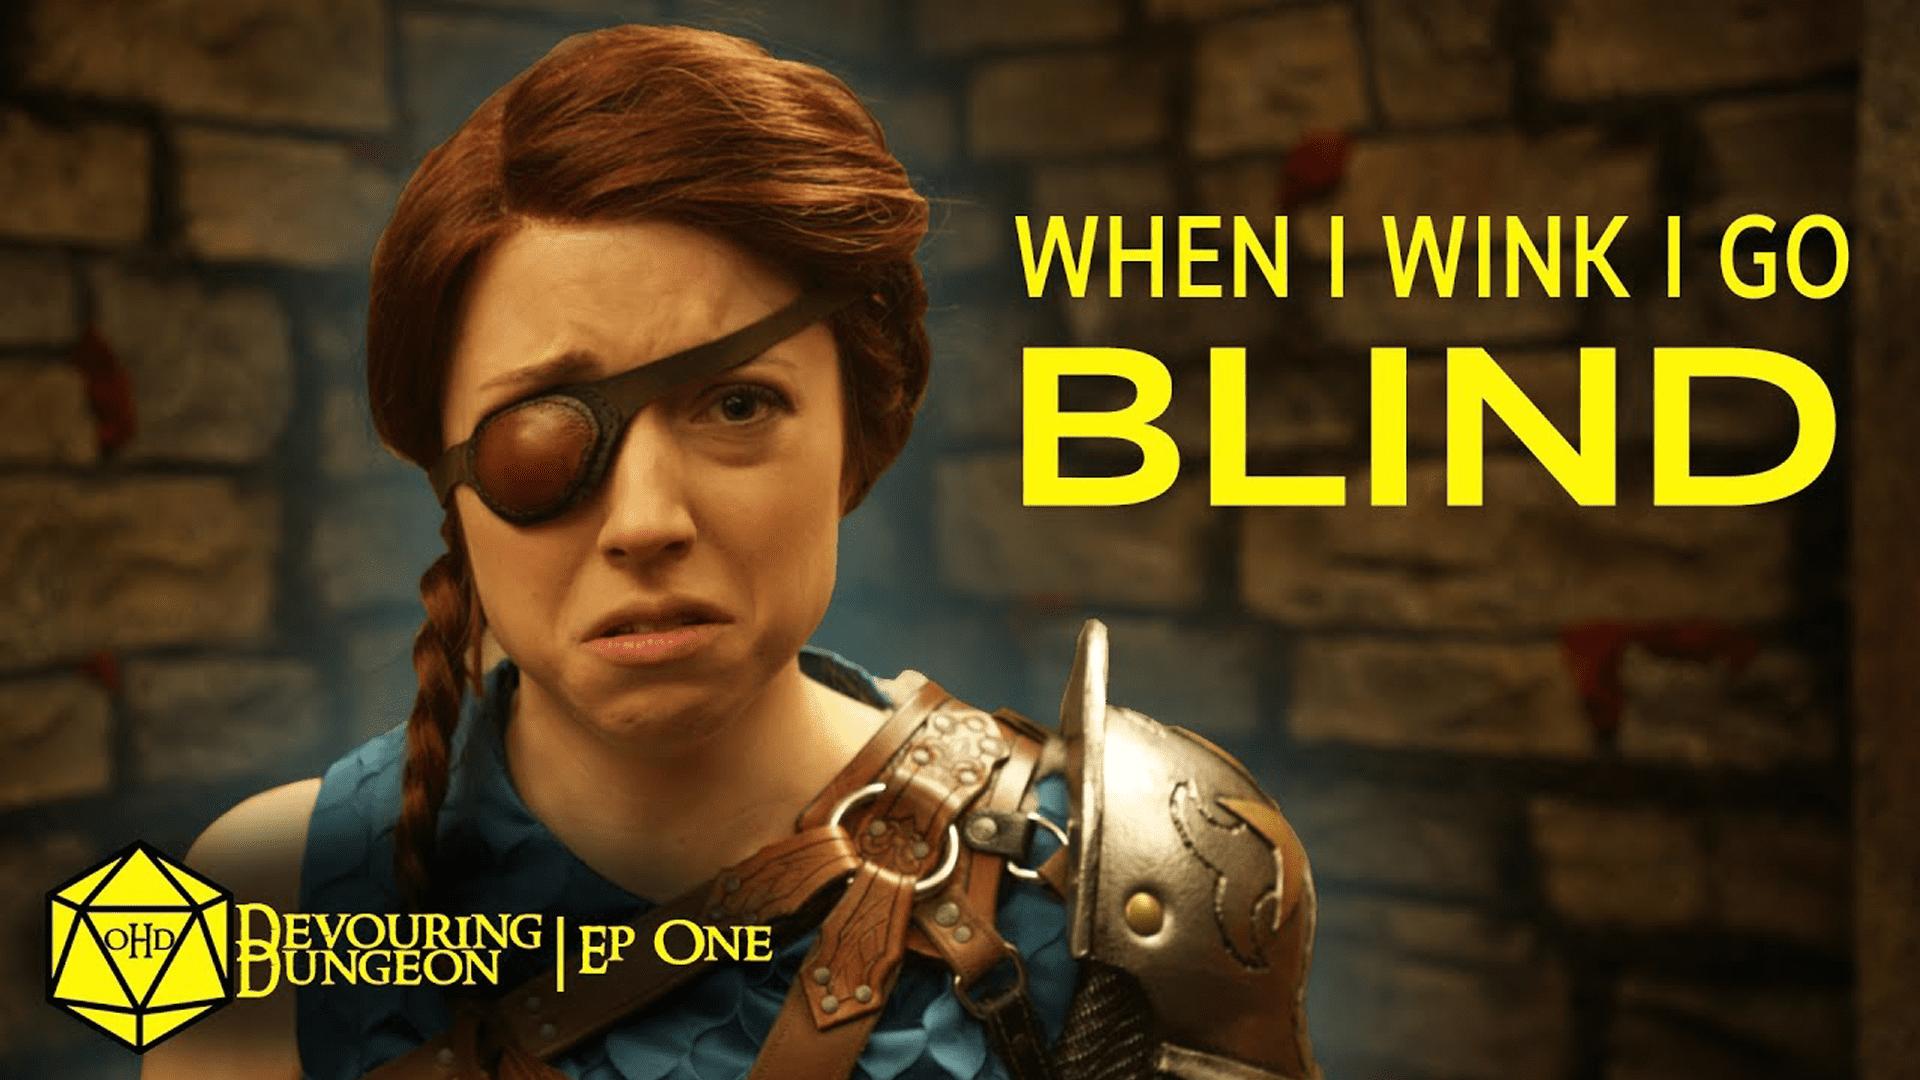 One Hit Die Devouring Dungeon Season 3 Episode 1 When I Wink I Go Blind